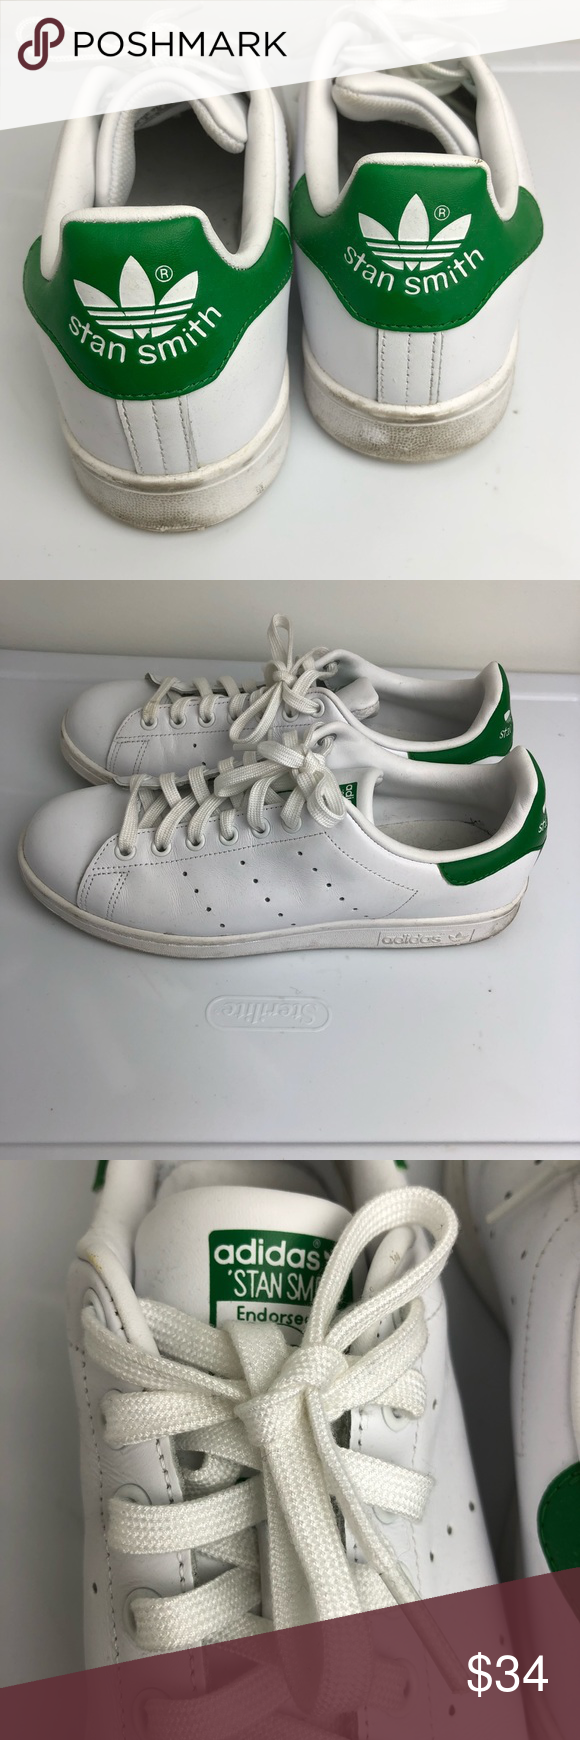 Adidas Stan Smith Men 8.5 white Green  079fe1129755